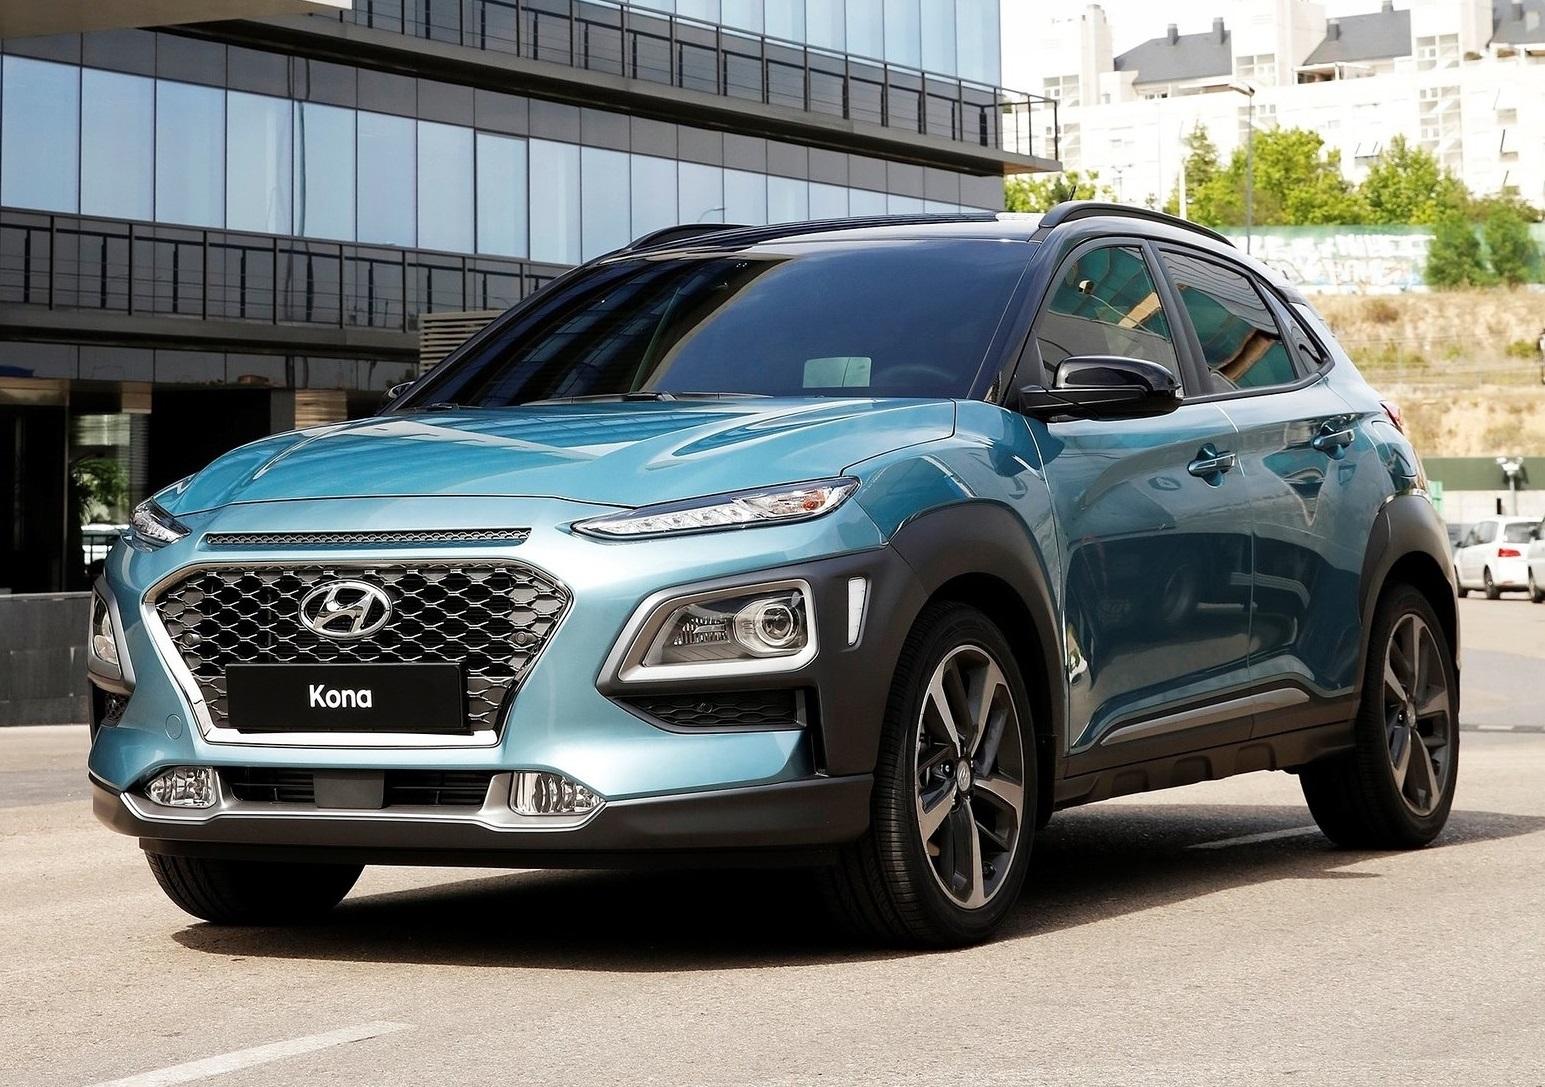 2018 Hyundai Kona Review New South Korean Compact Crossover